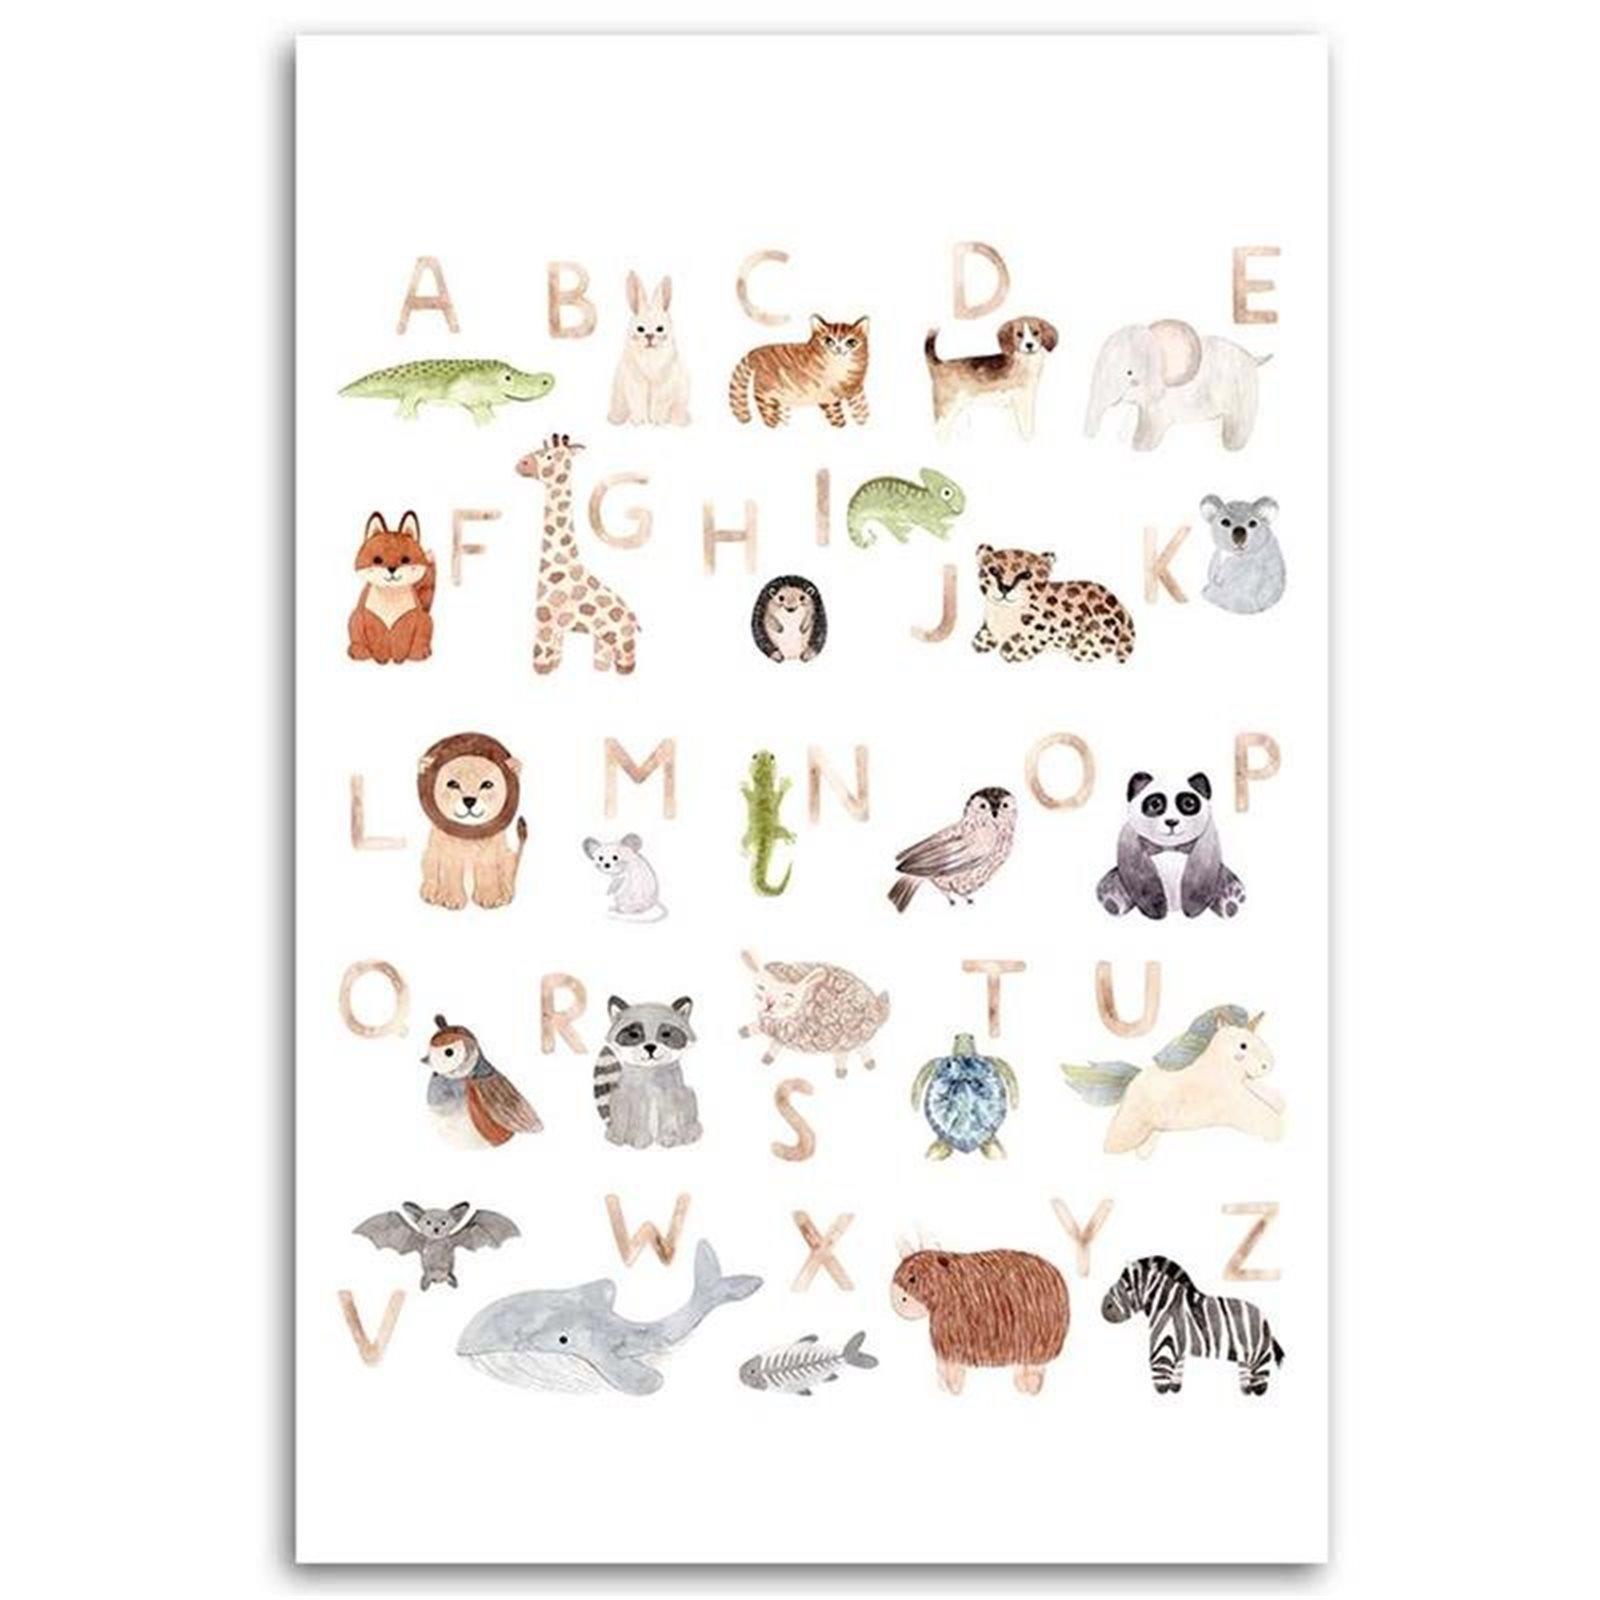 Tableau enfant alphabet with pets multicolore 70x100